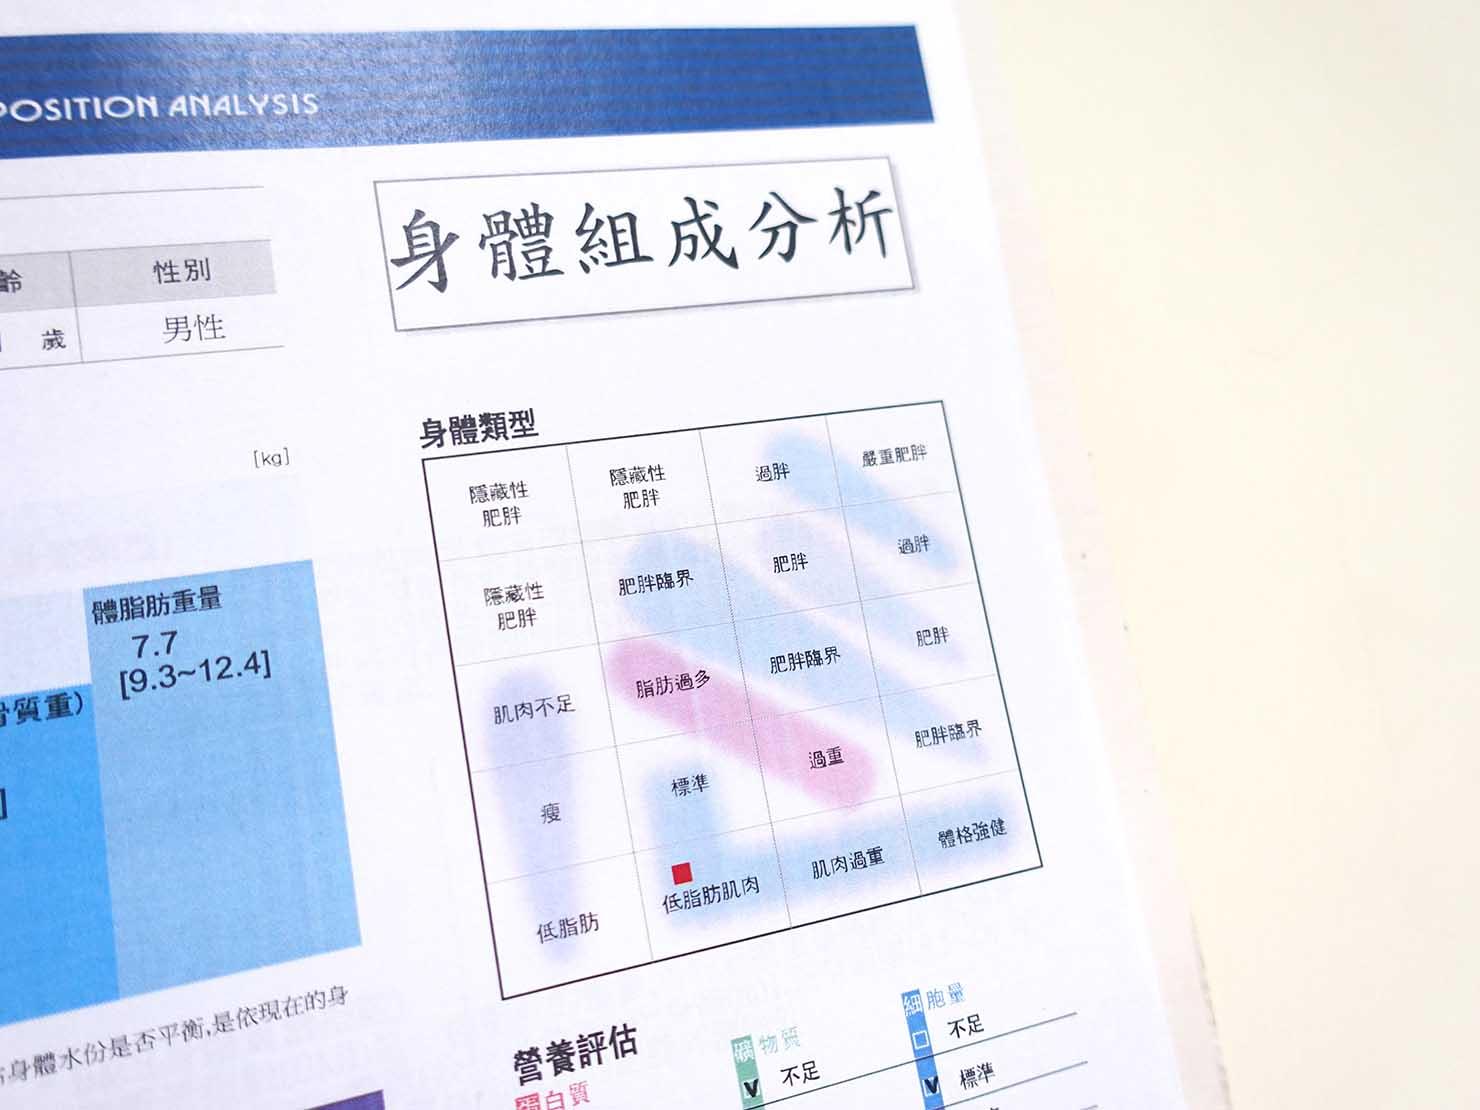 台湾の健康診断センター「國泰健康管理」から郵送される健康檢查報告書の中身